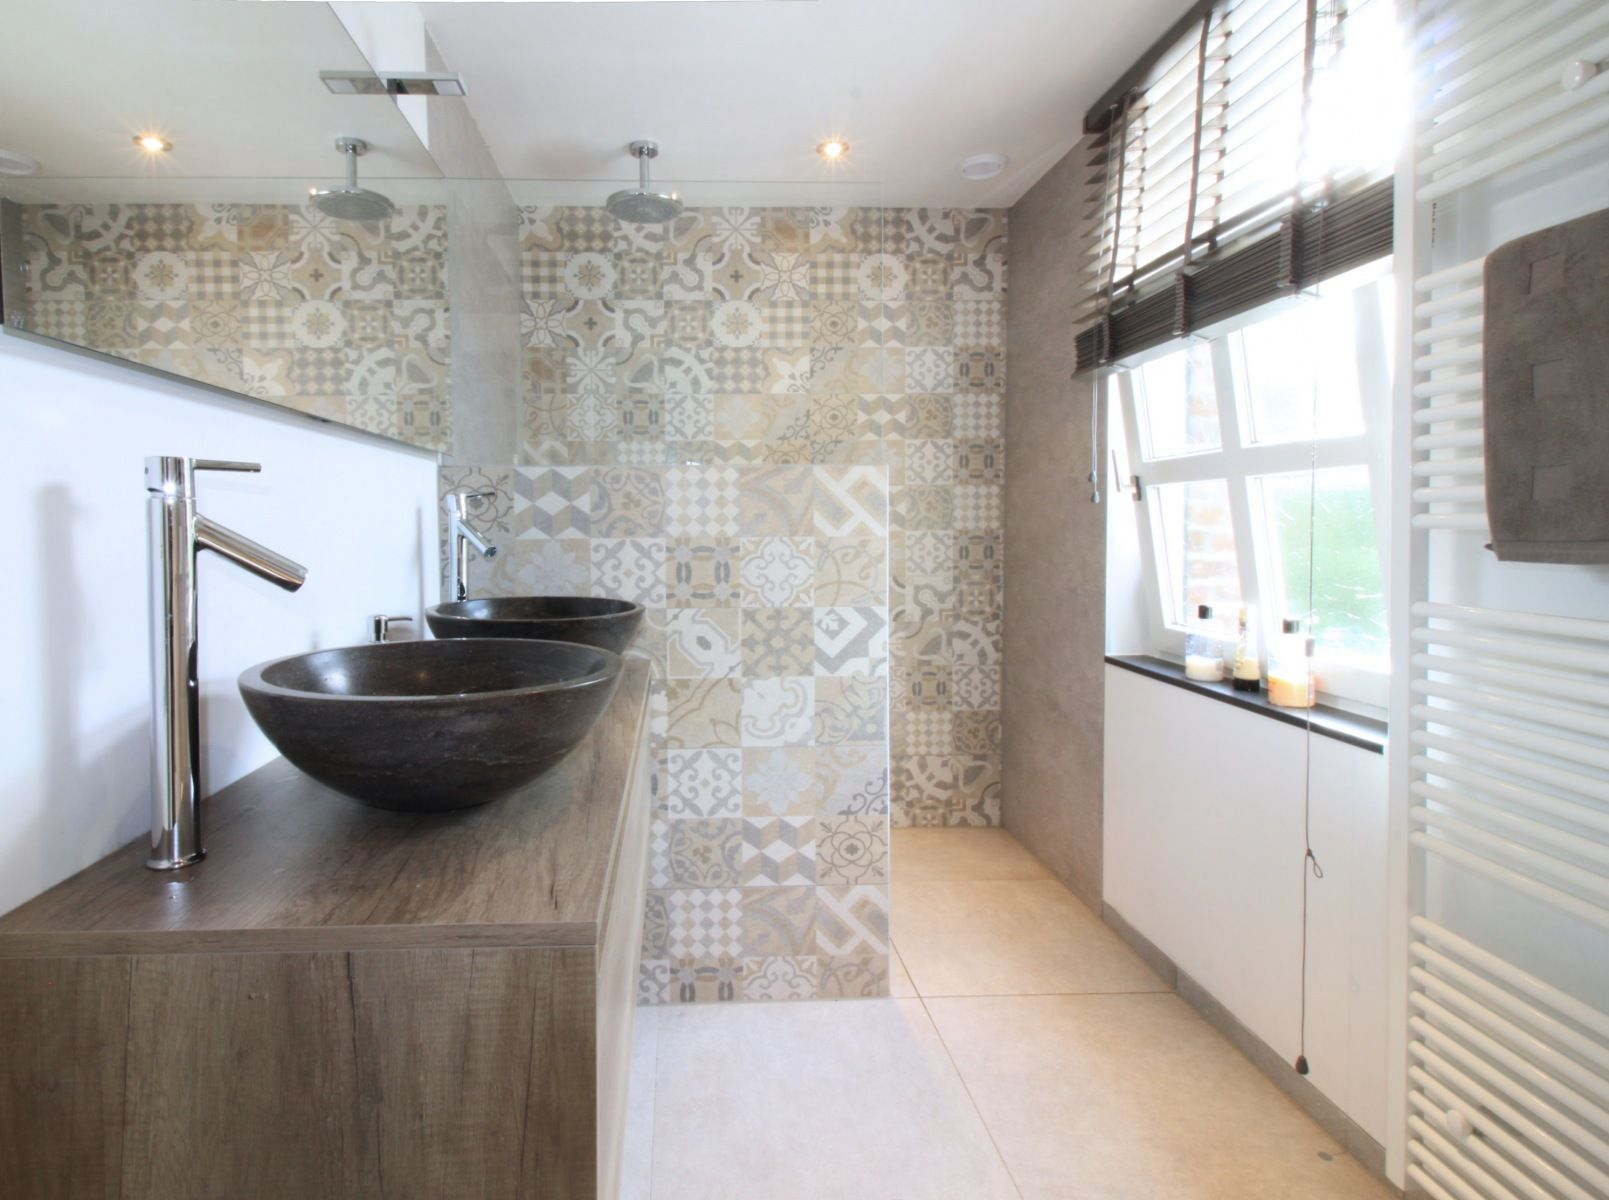 Inloopdouche Met Wastafel : Afbeeldingsresultaat voor inloopdouche achter wastafel badkamer